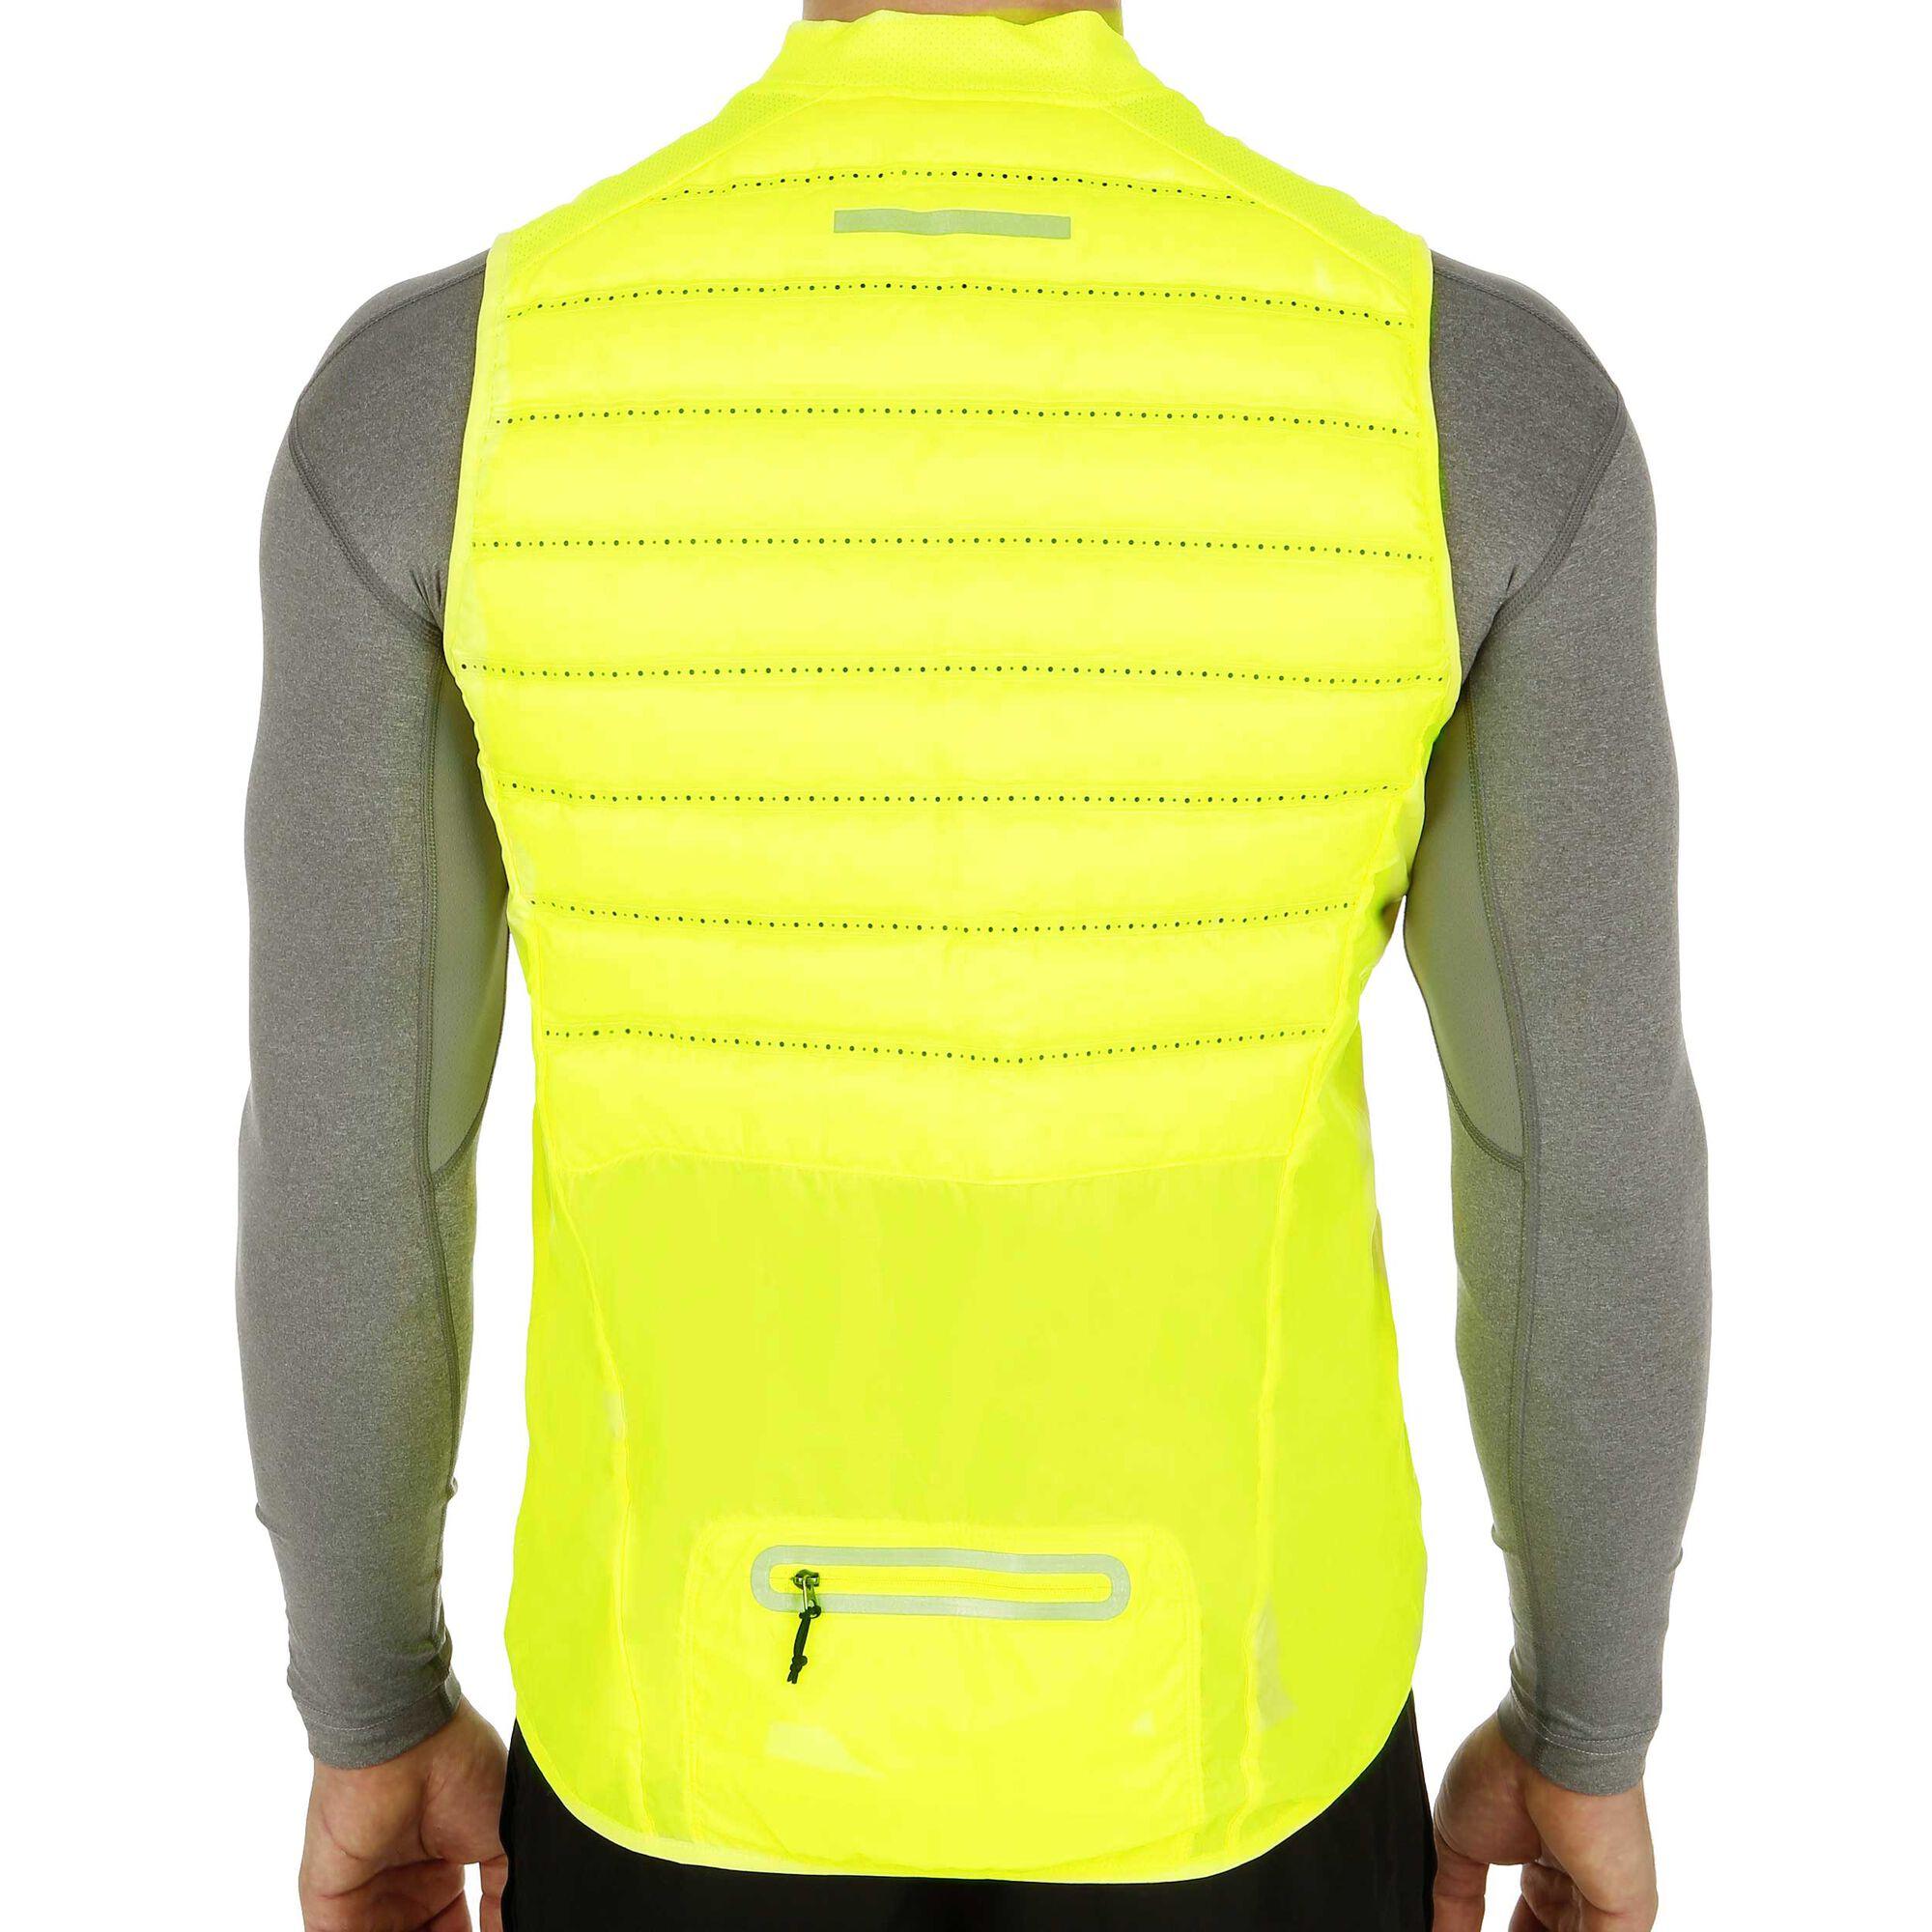 llevar a cabo Dardos Específico  Nike Aeroloft 800 Chaleco Hombres - Amarillo Neón compra online |  Tennis-Point